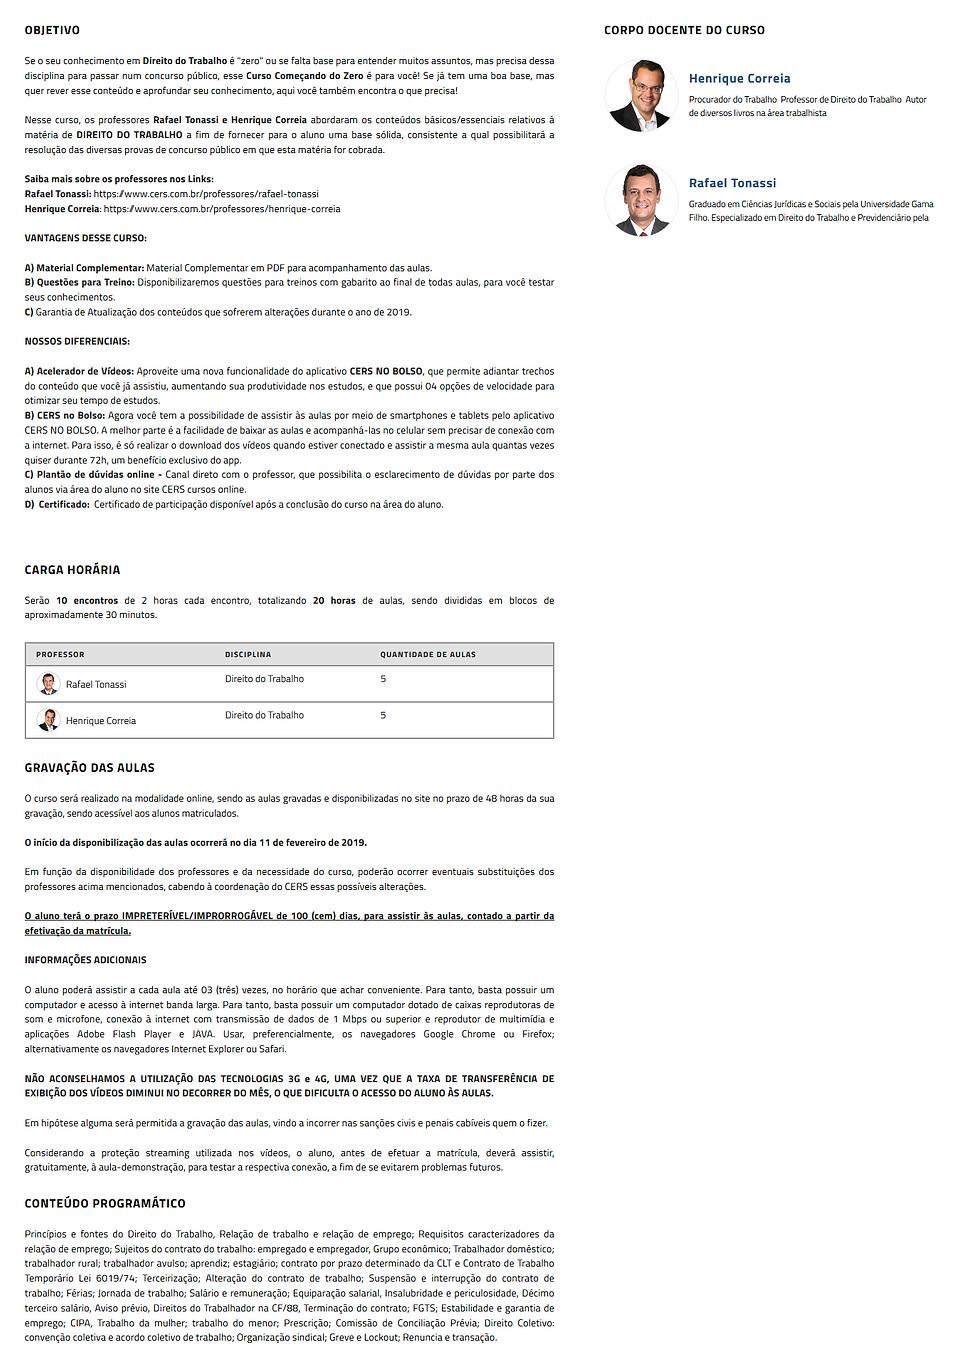 Direito do Trabalho CS(10).png